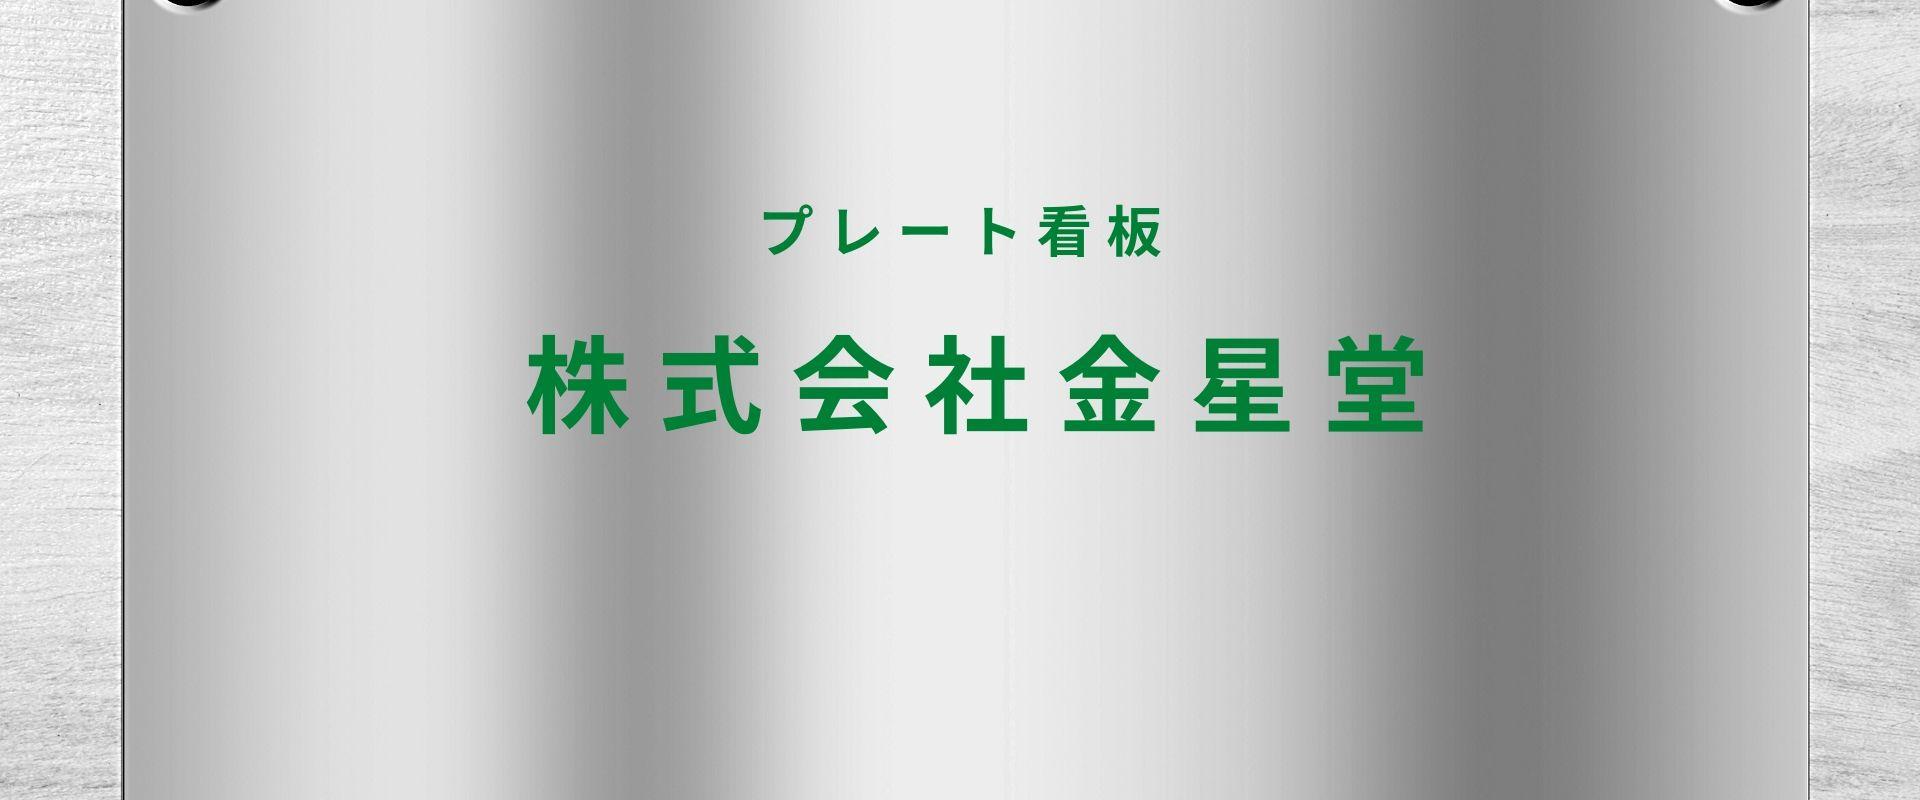 株式会社金星堂